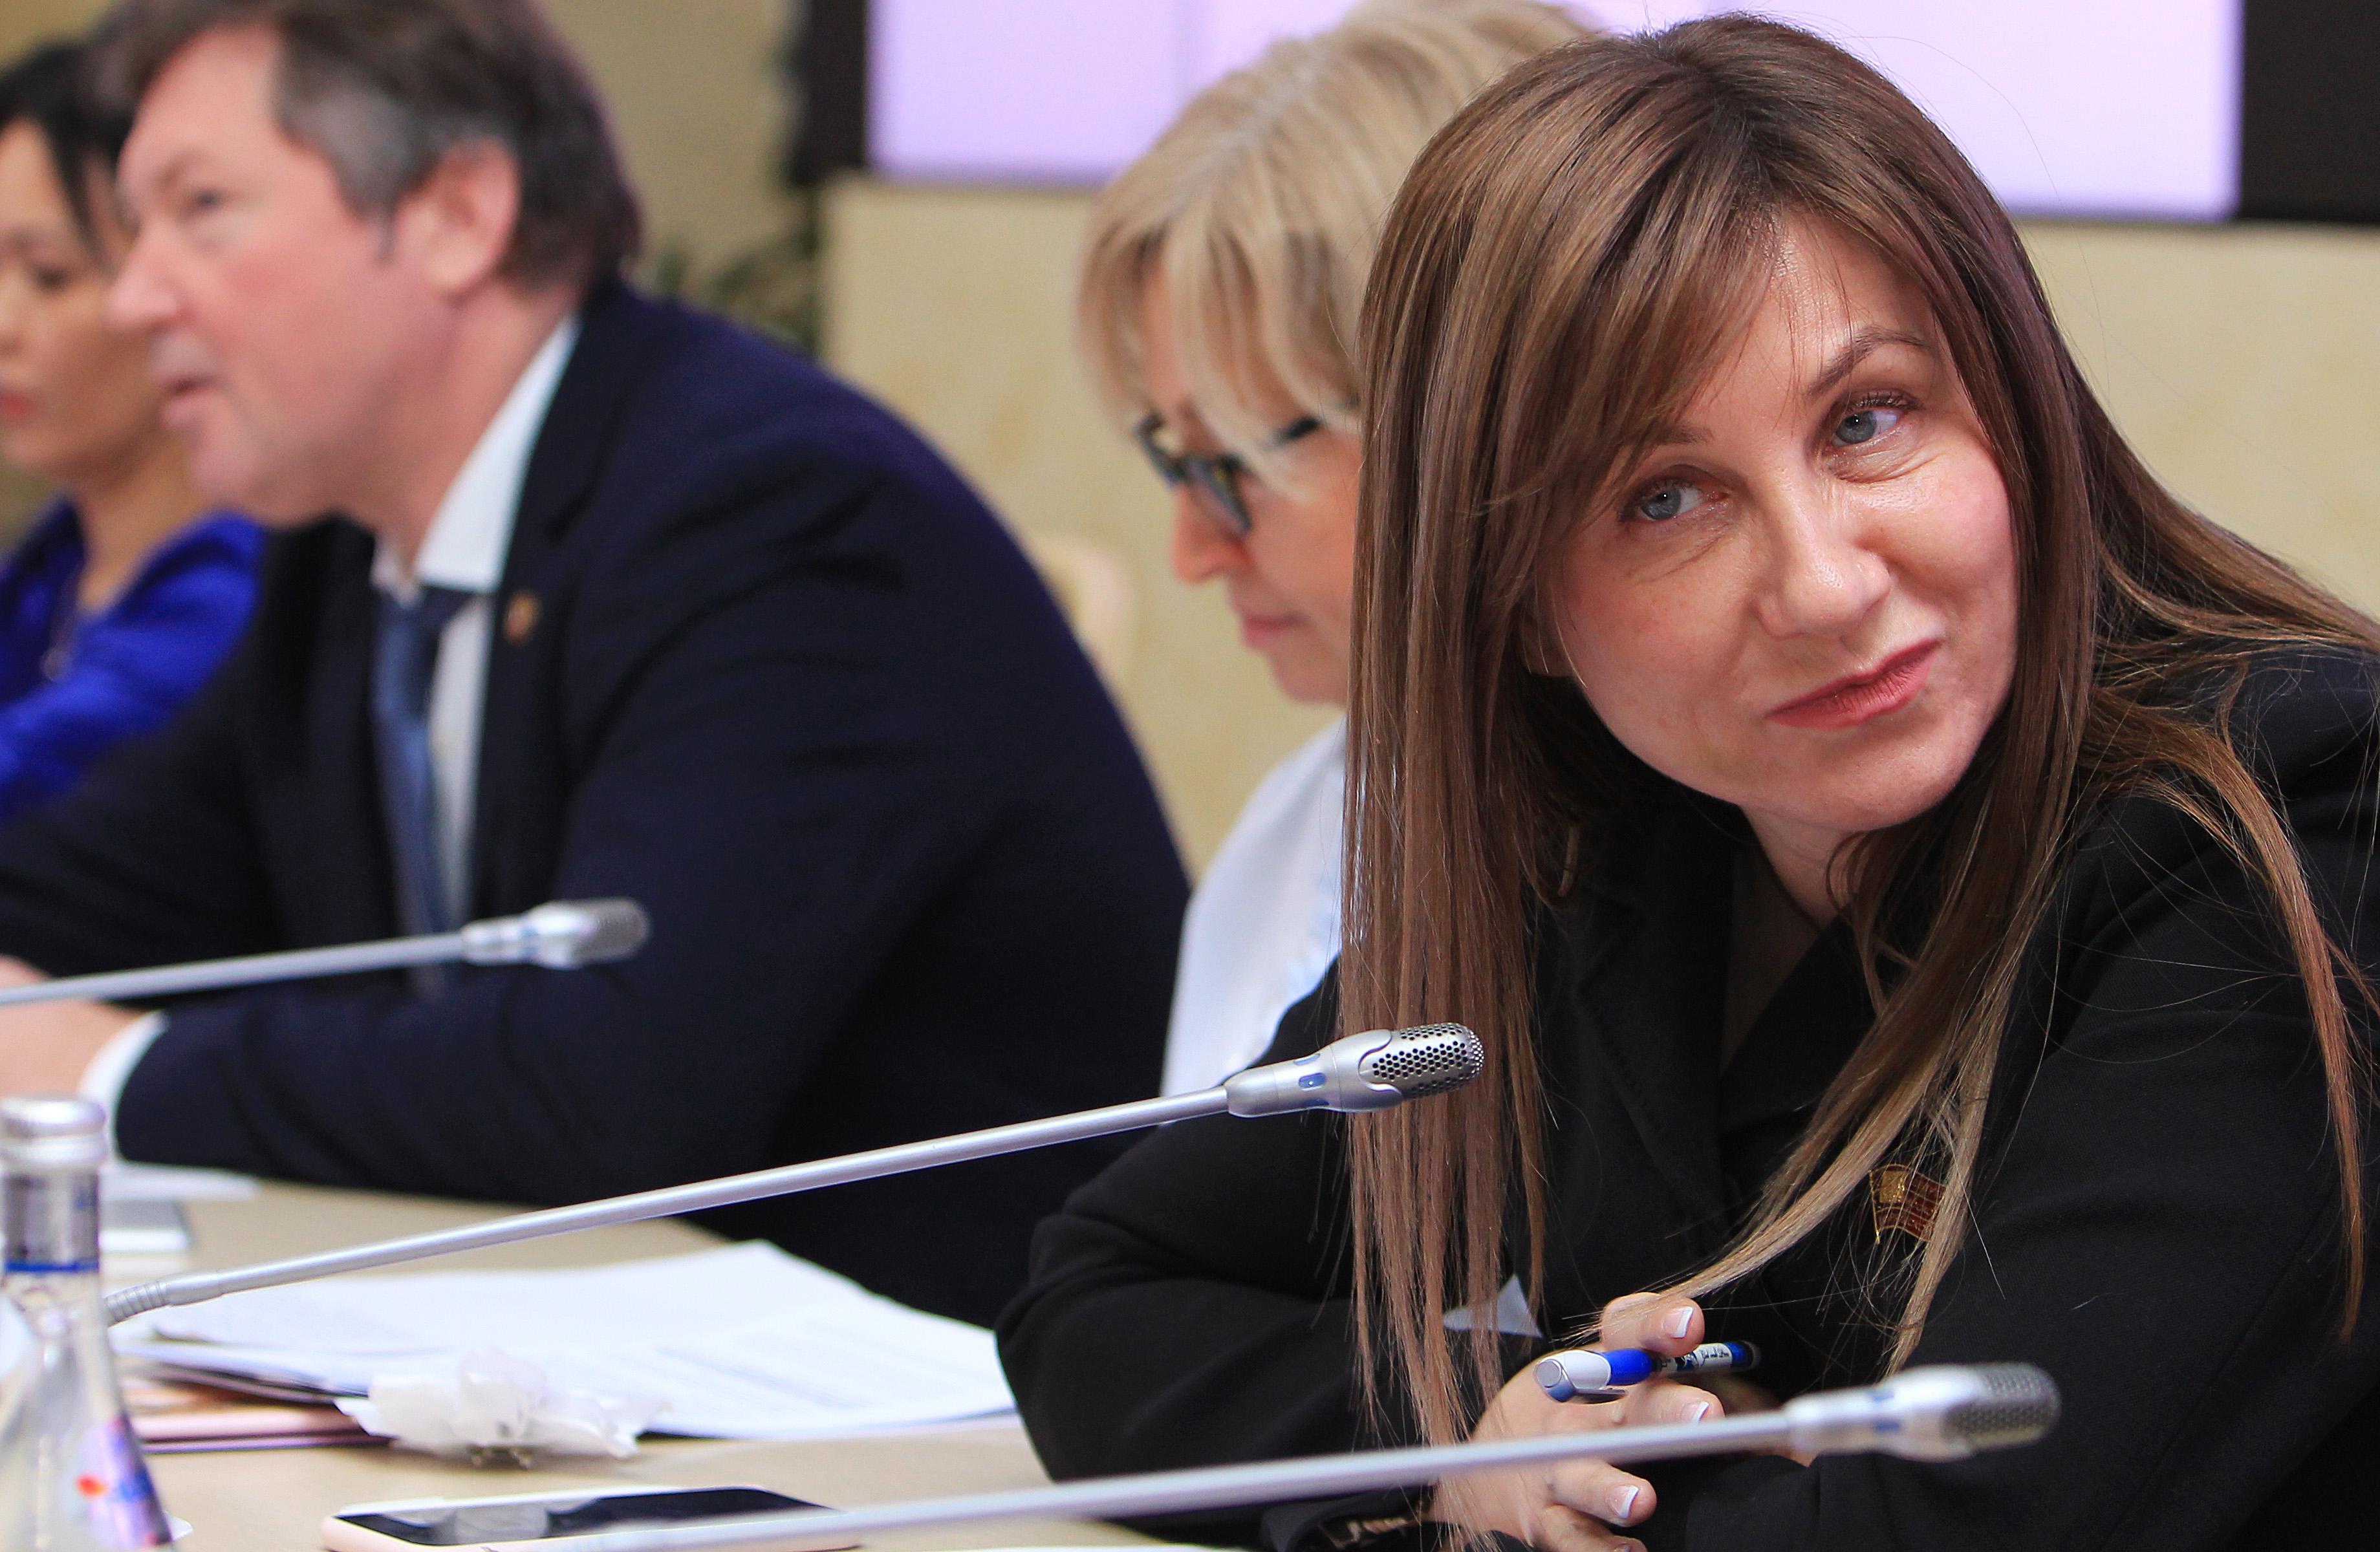 Депутат МГД Картавцева: В Москве идет вакцинация от COVID-19 жителей старше 60 лет